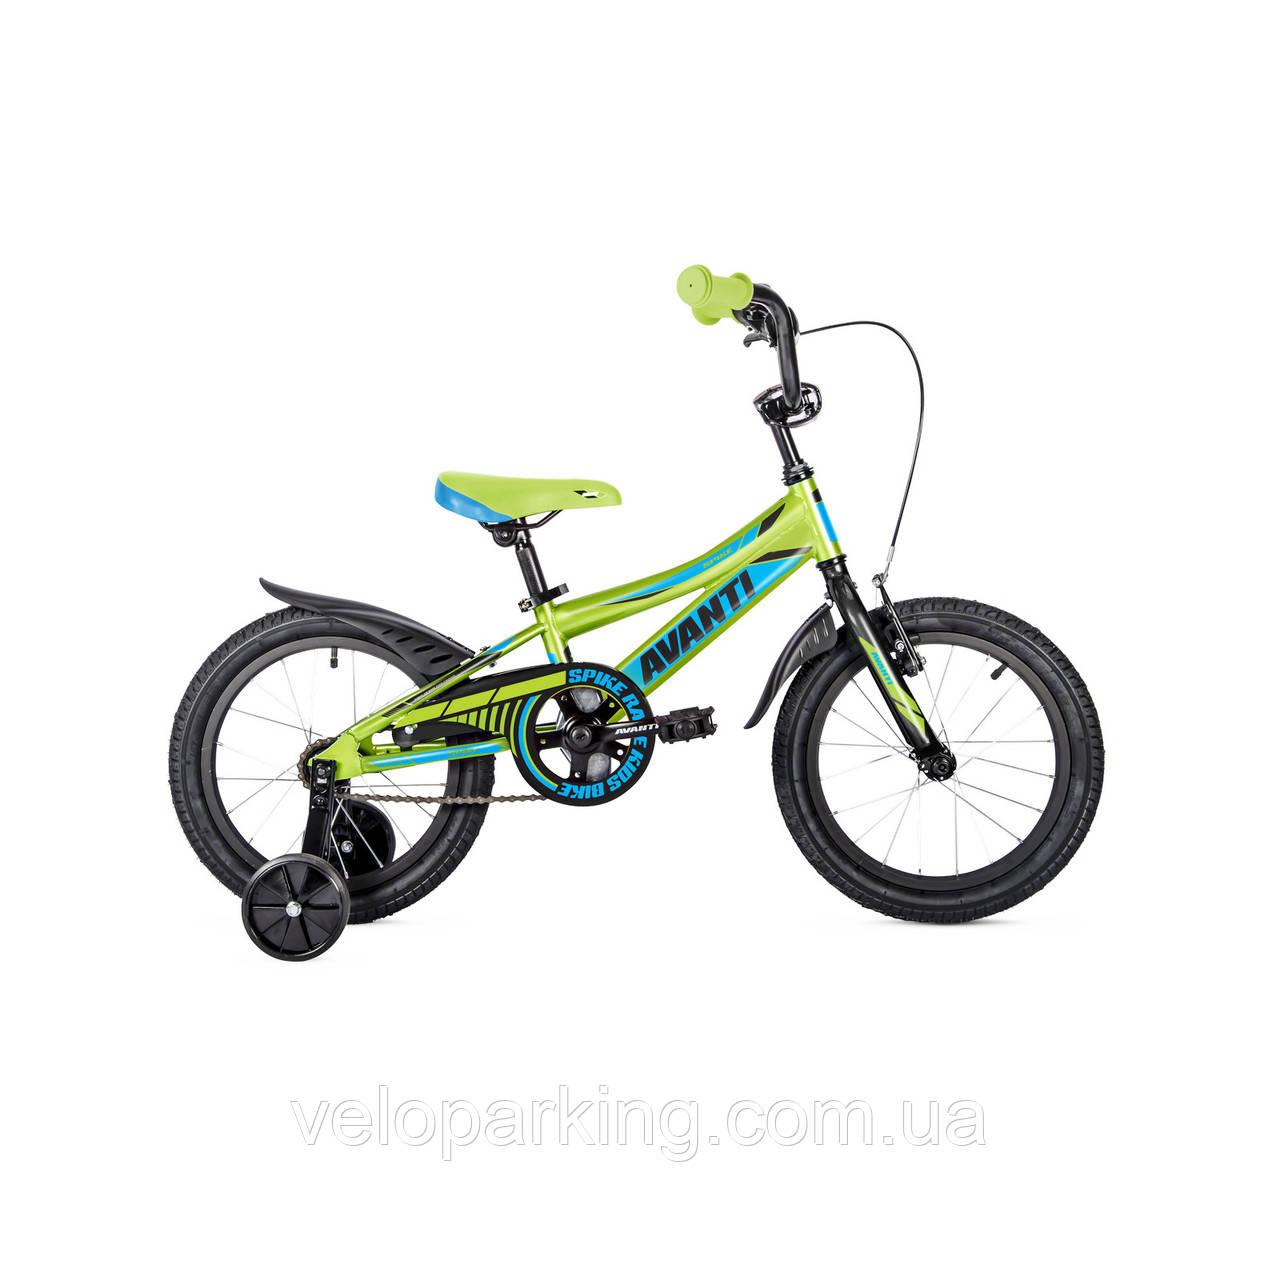 Детский двухколесный велосипед Avanti Spike 16 new (2018)